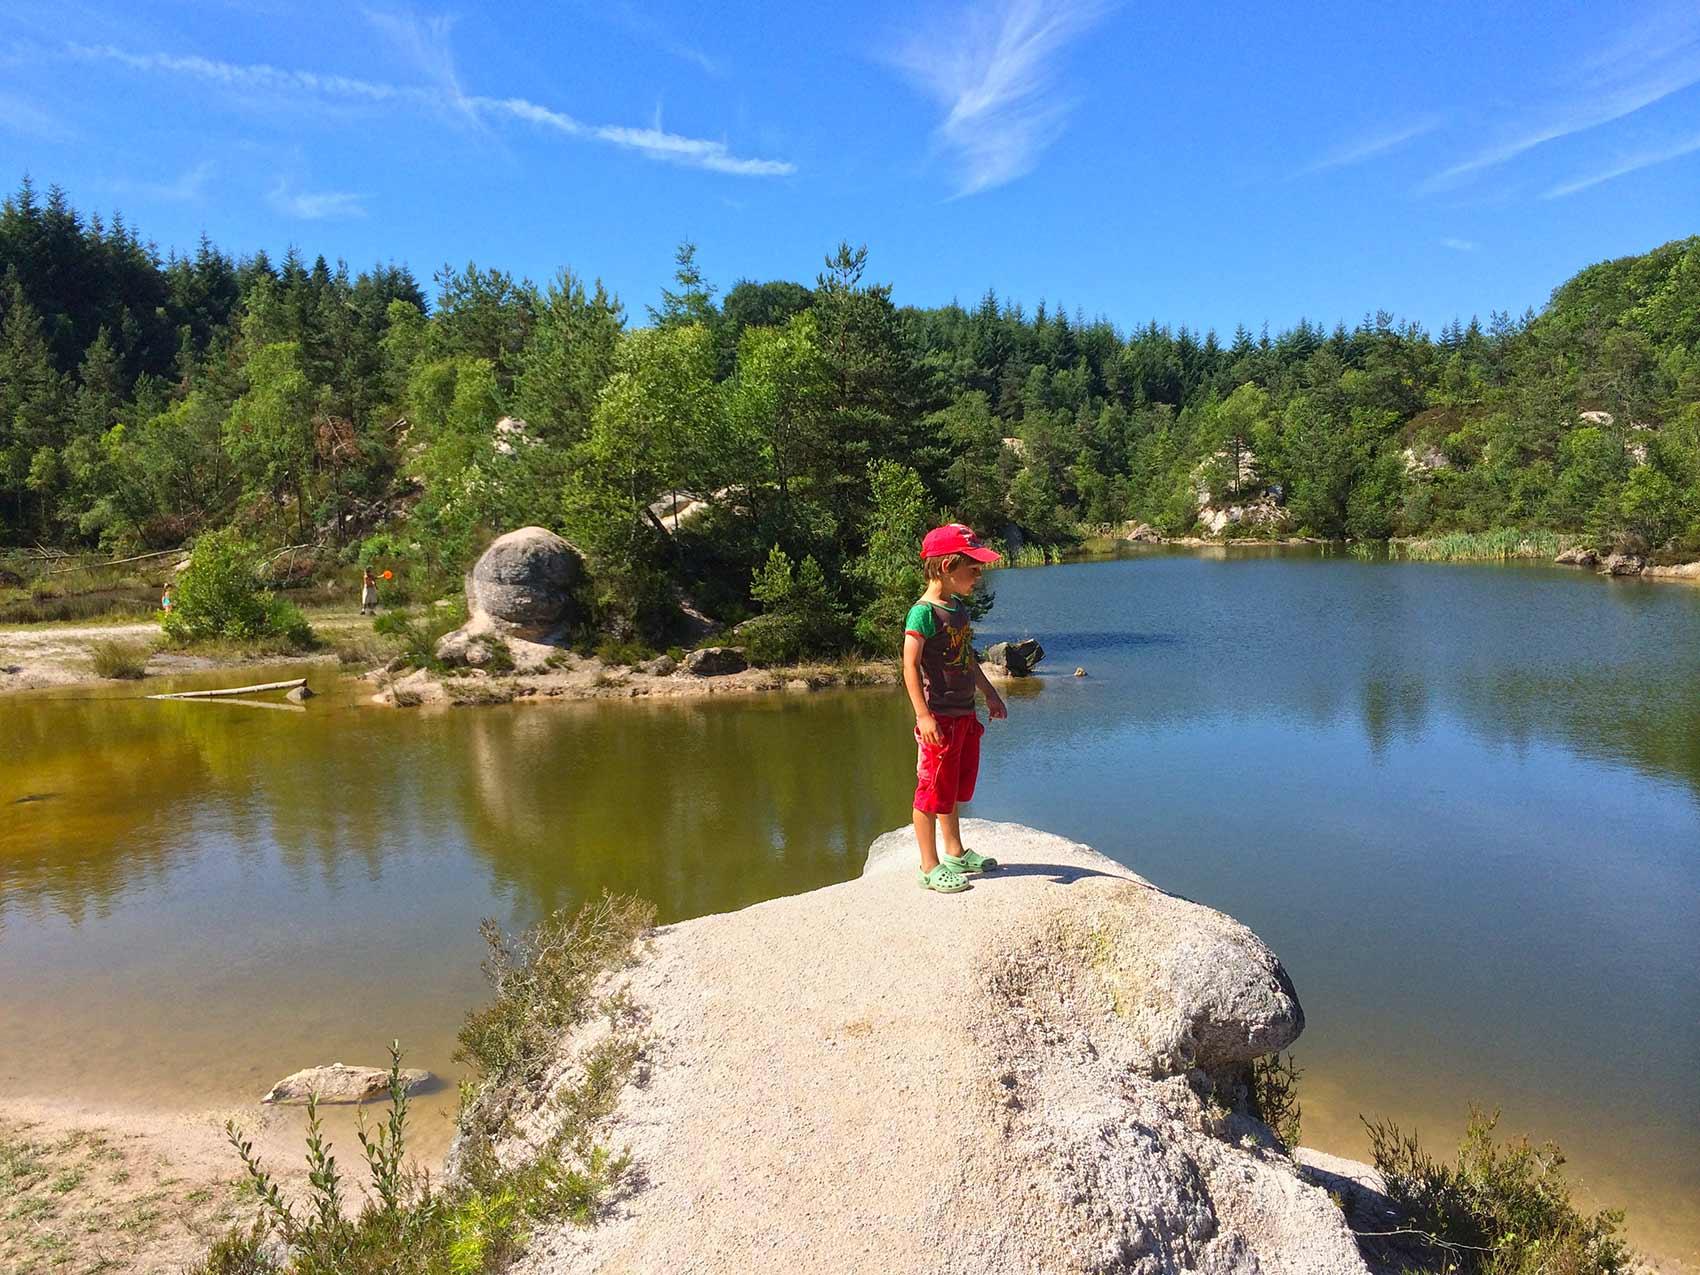 Natuurbeleving, la Bosse, zwemvijver